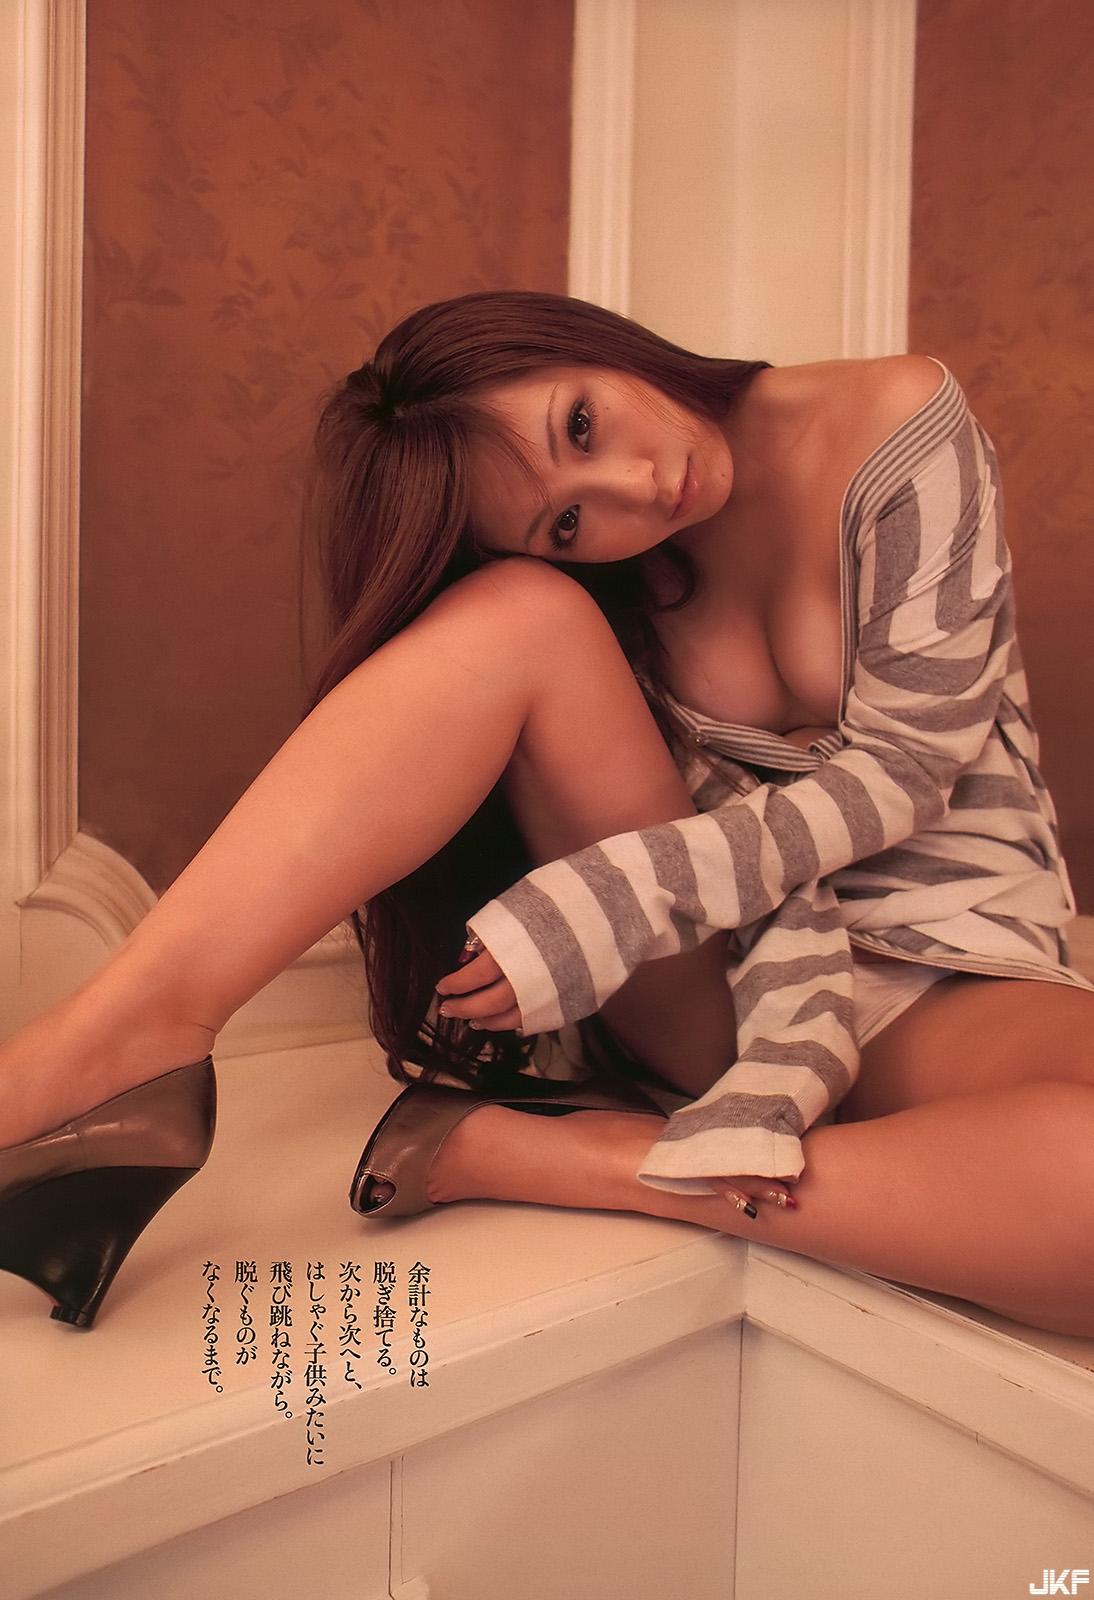 tatsumi-natsuko-590215.jpg